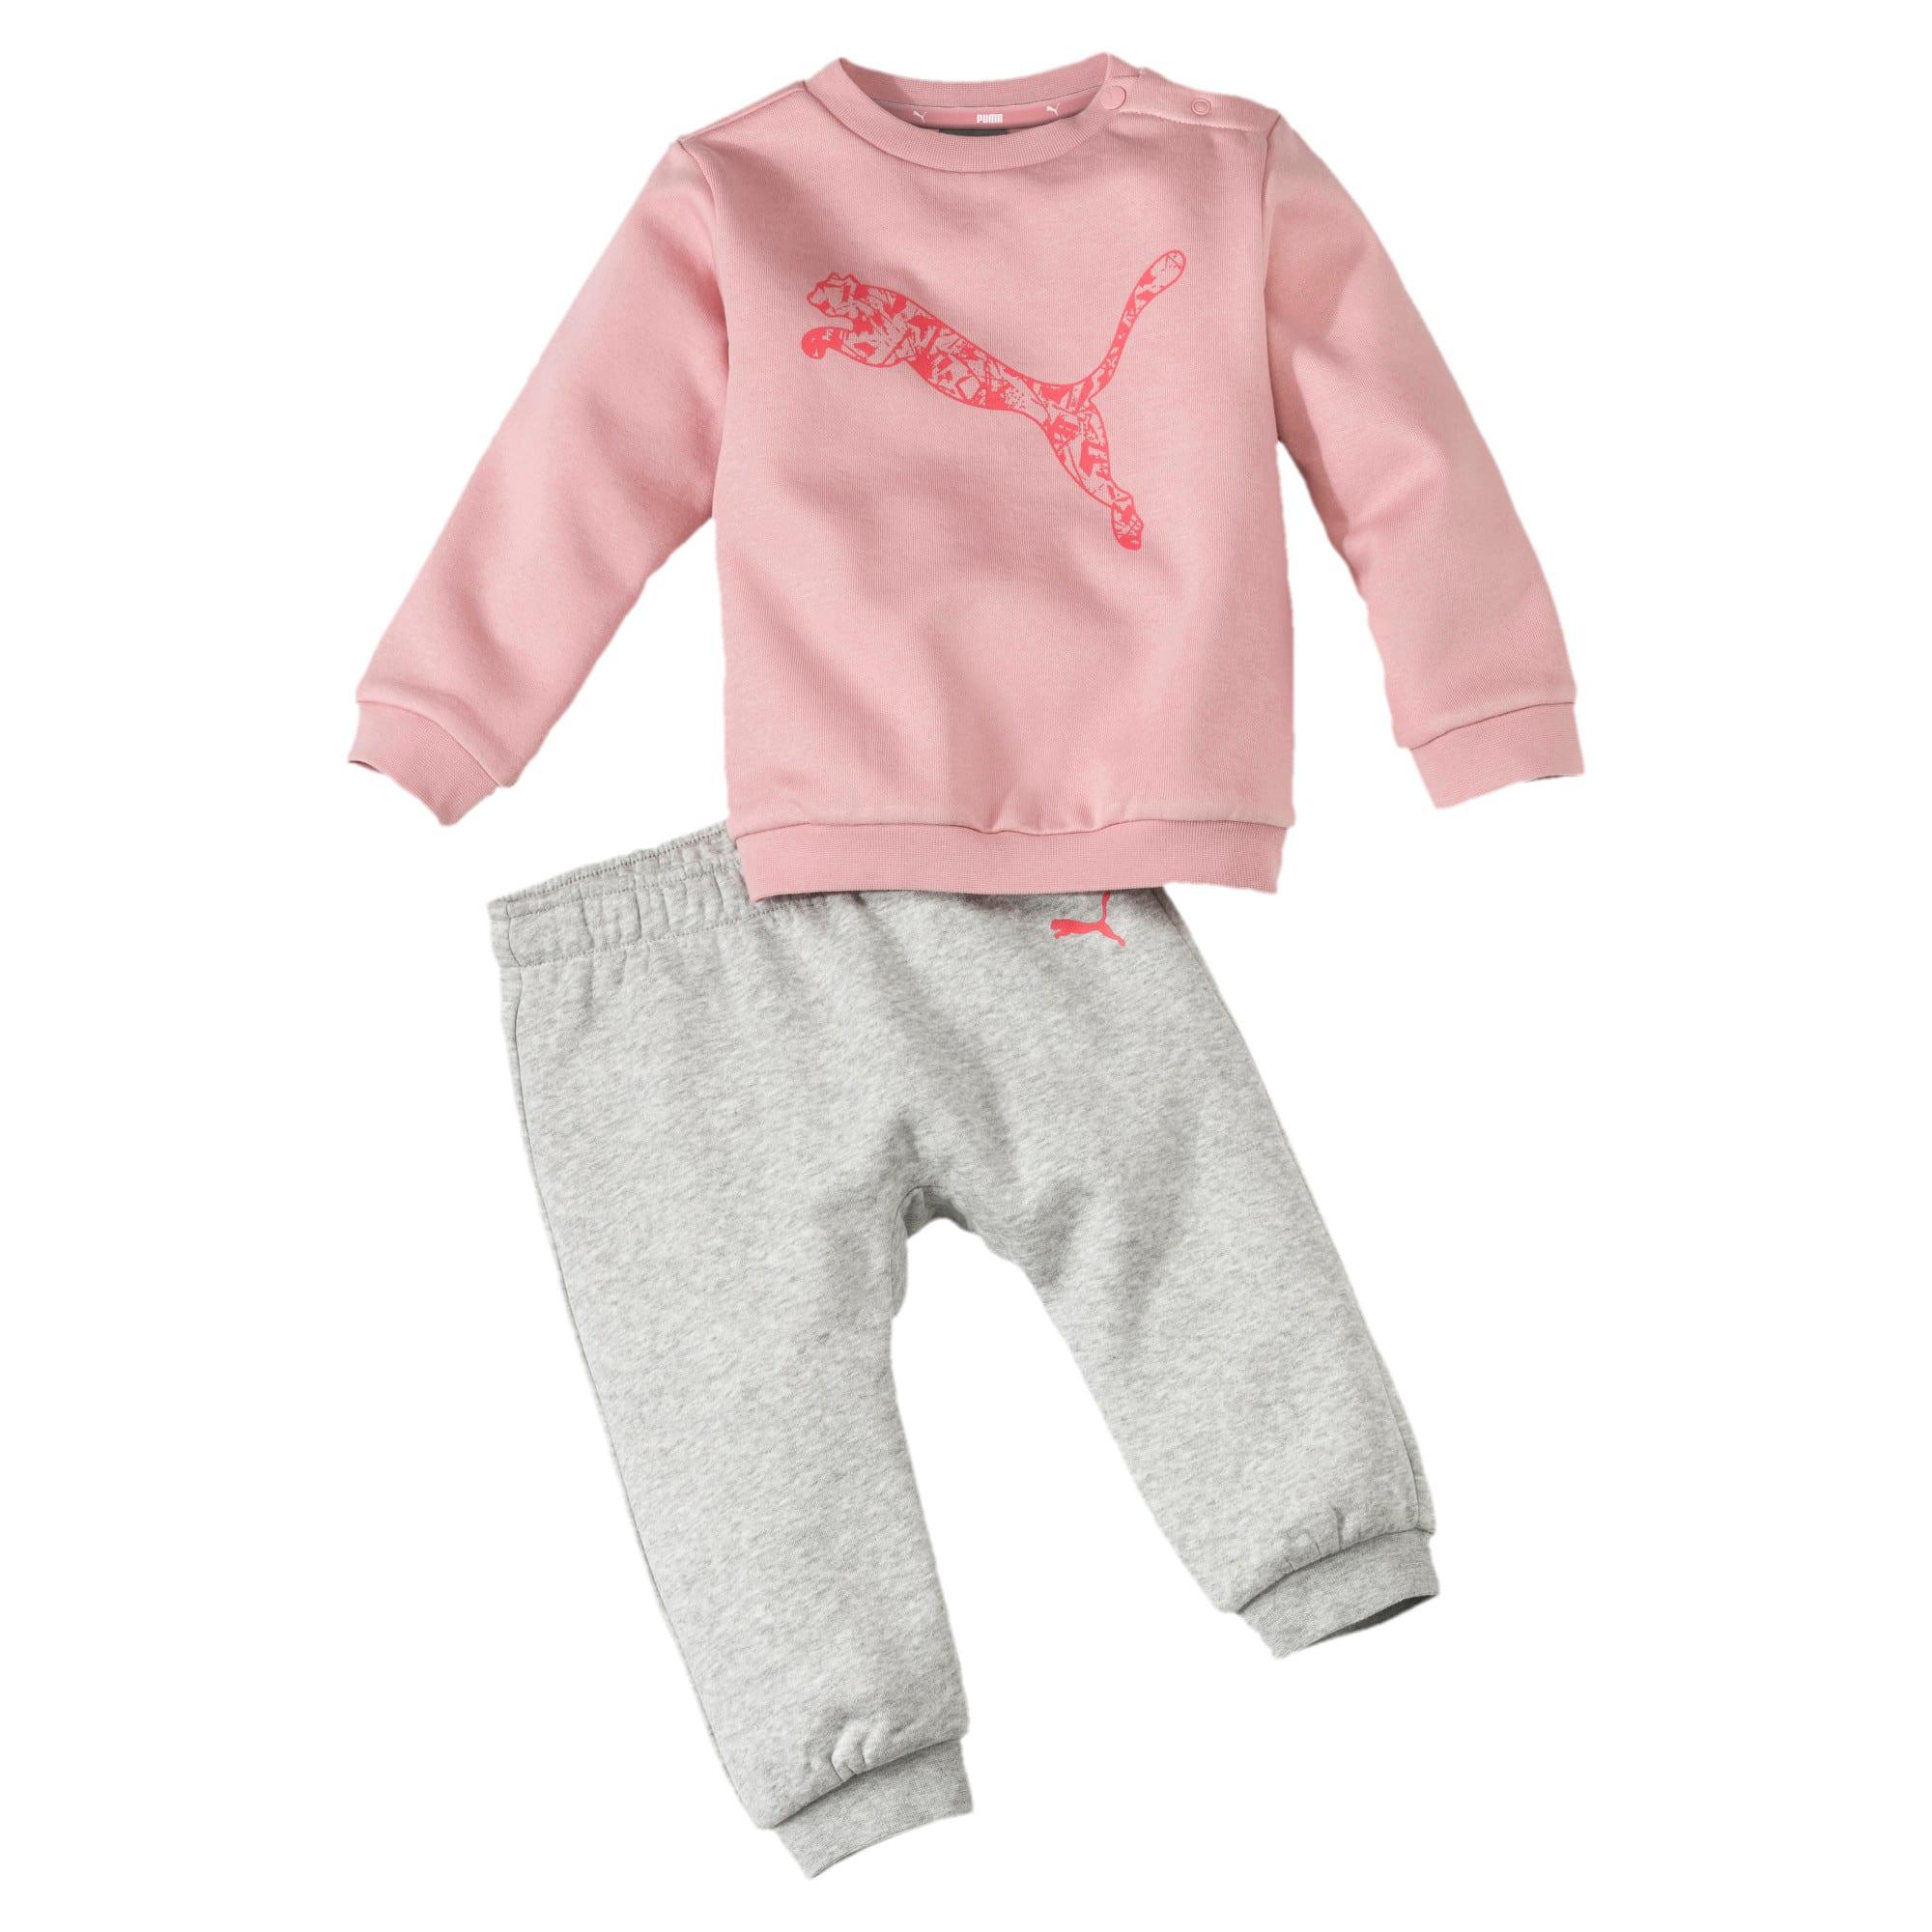 mxdmai 6 Paar Baby Socken Anti-Rutsch Warme Winter Socken aus Baumwolle Nette Cartoon Rutschfeste Socken